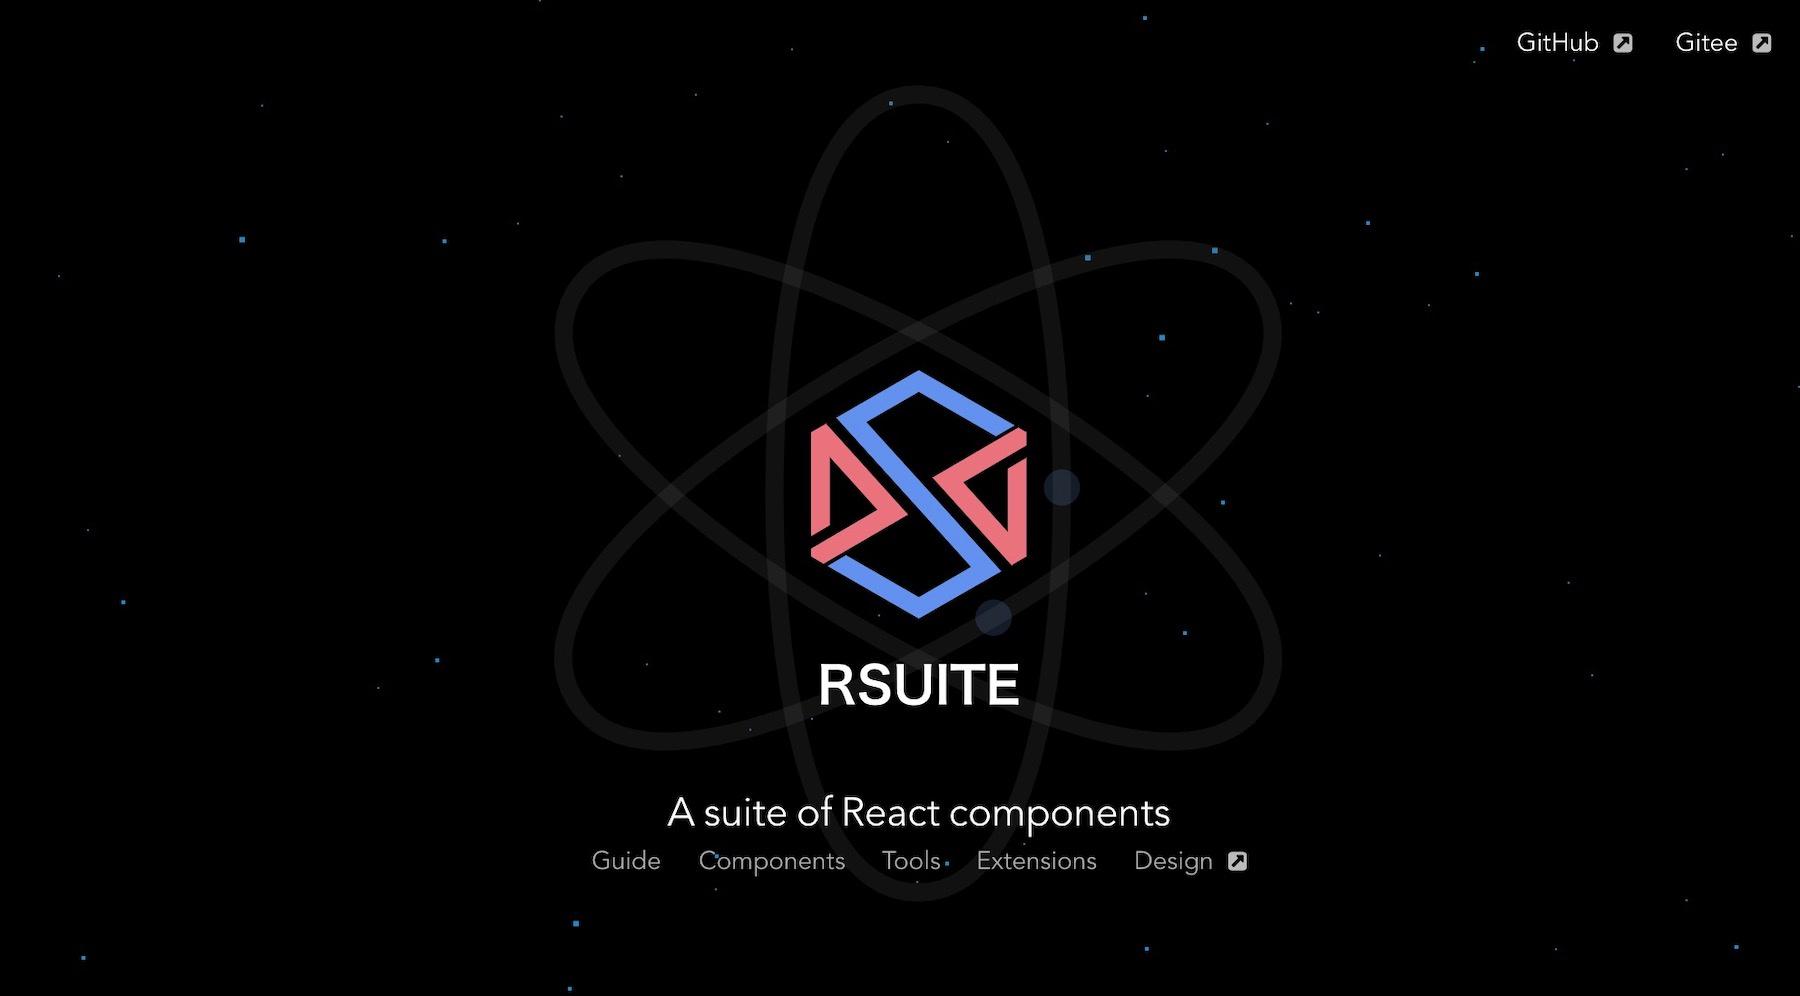 rsuite